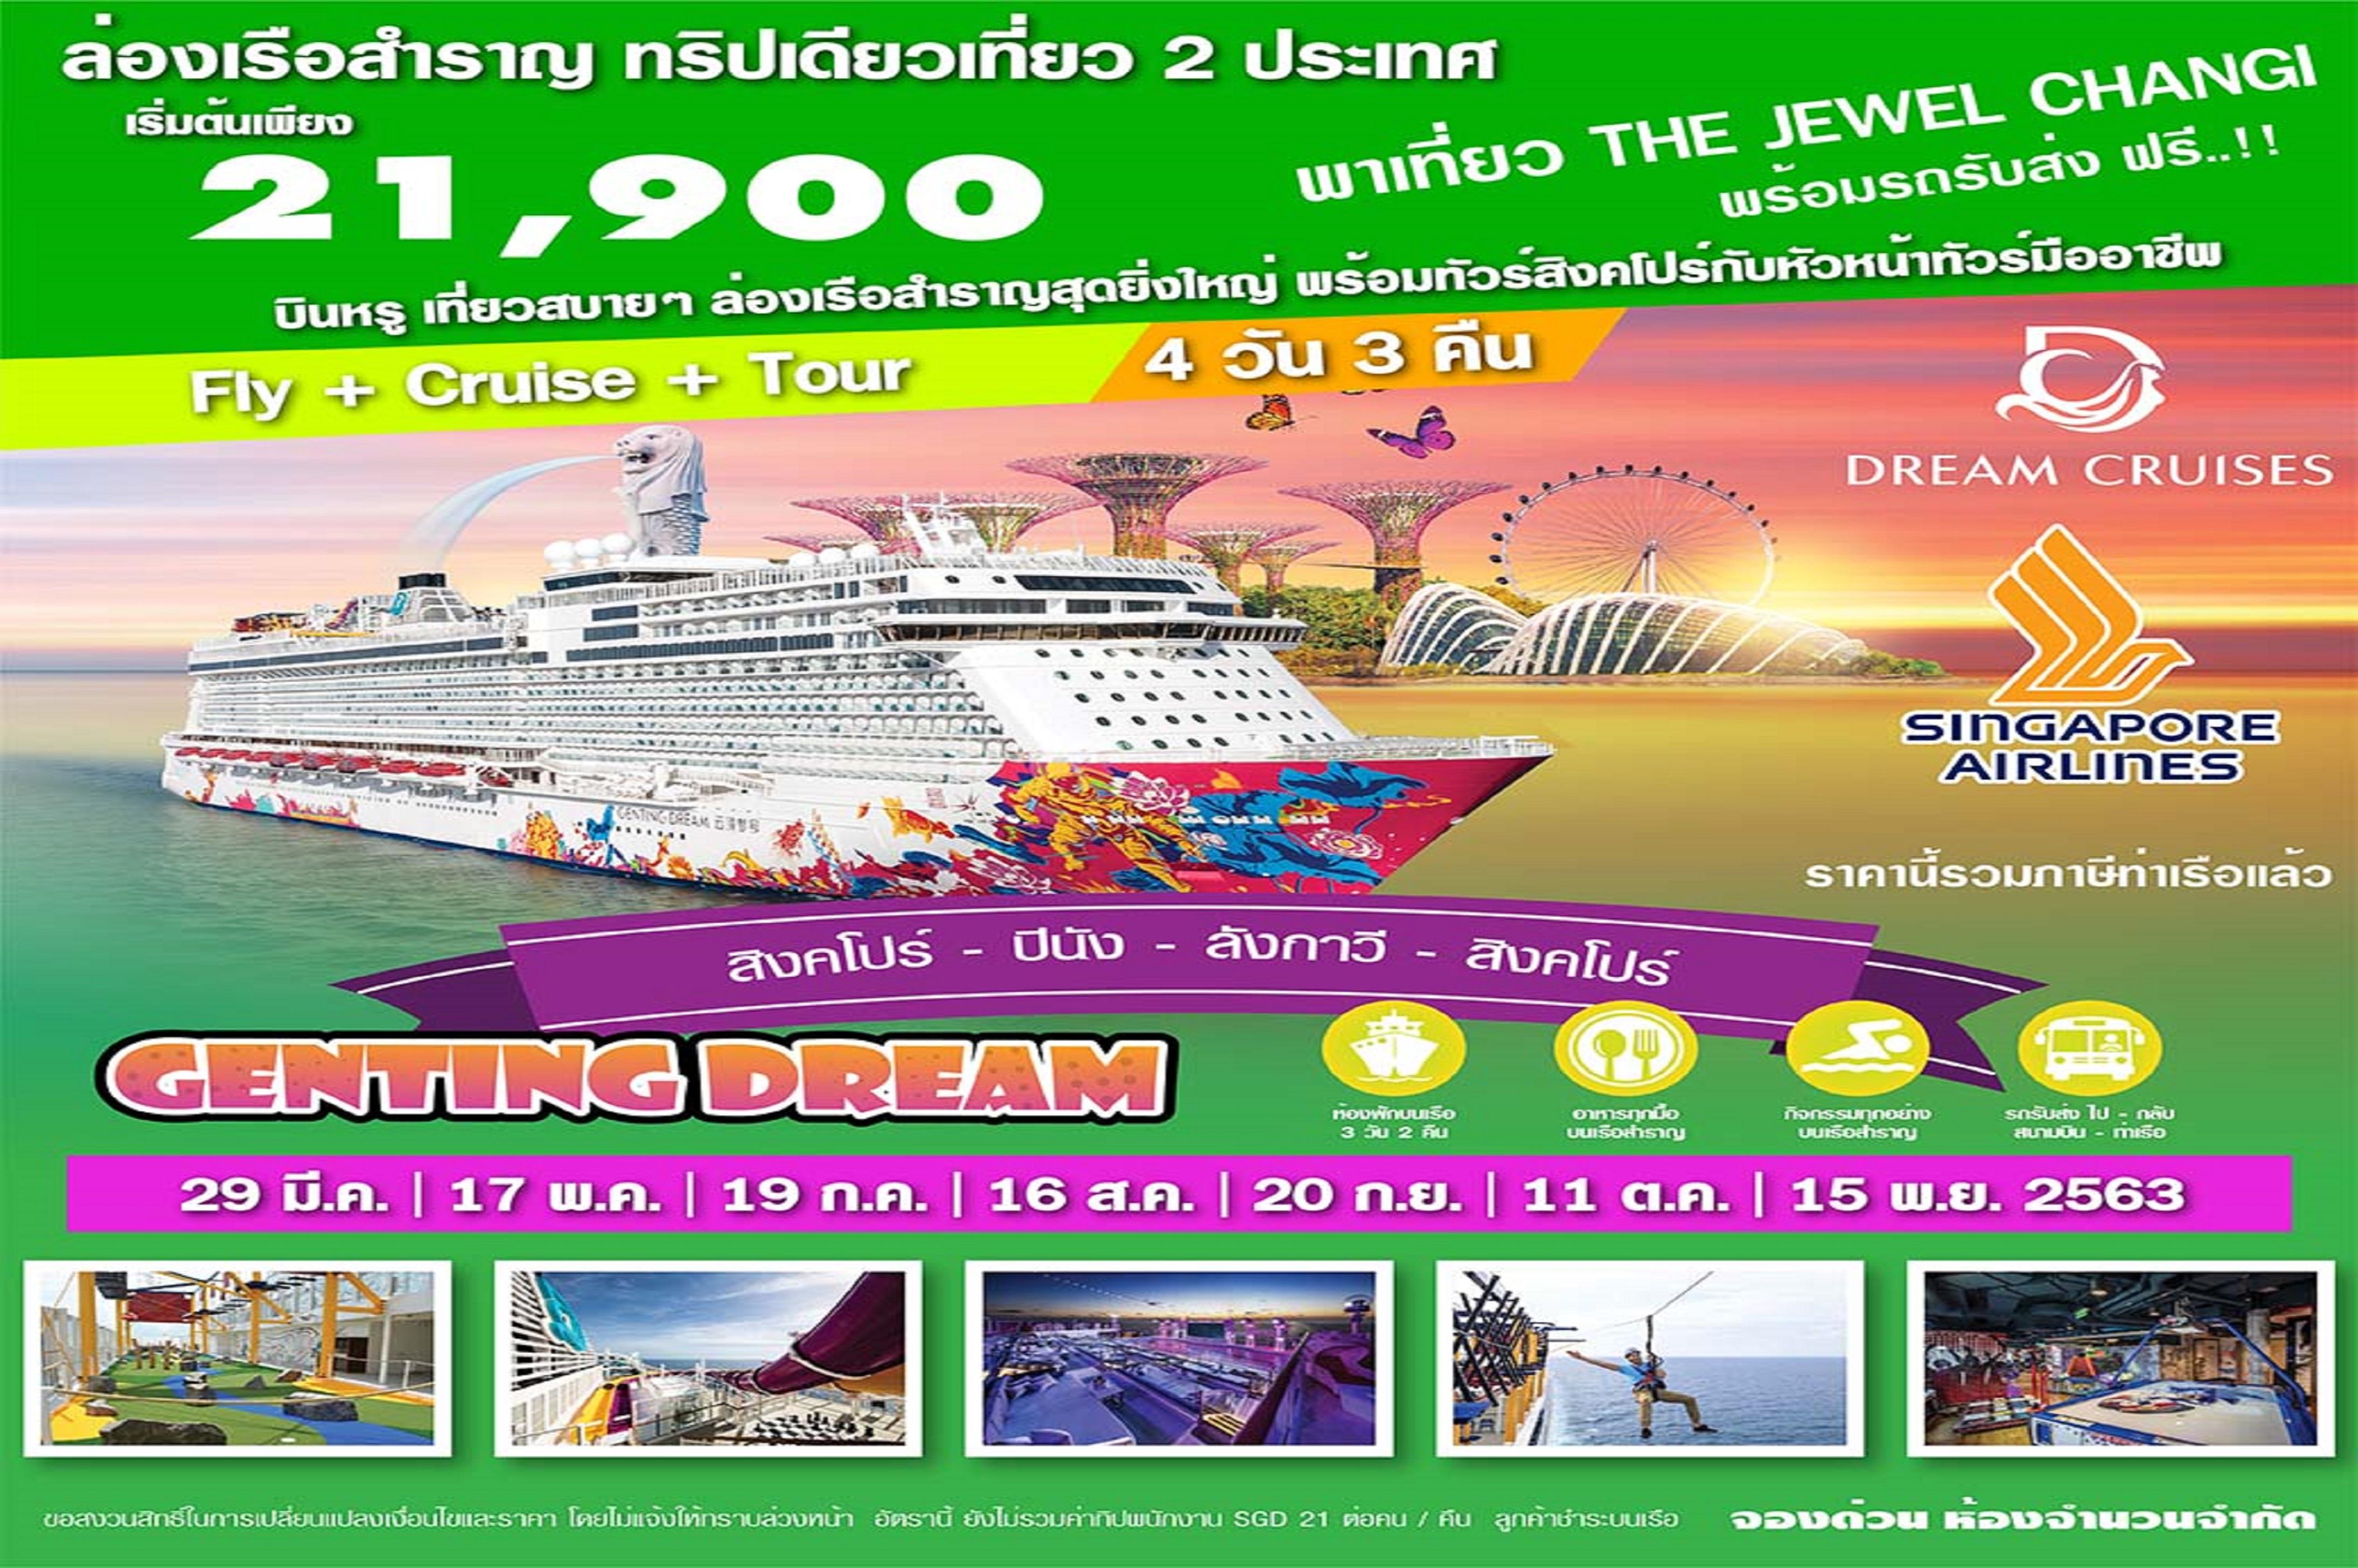 (FULLBOARD)  4 วัน 3 คืน ล่องเรือสำราญ ทริปเดียวเที่ยว 2 ประเทศ กับเมืองสุดสวยและสุดชิค ปีนัง-ลังกาวี-สิงคโปร์ รวมตั๋วเครื่องบิน พาเที่ยวที่ THE JEWEL CHANGI พร้อมหัวหน้าทัวร์มืออาชีพ